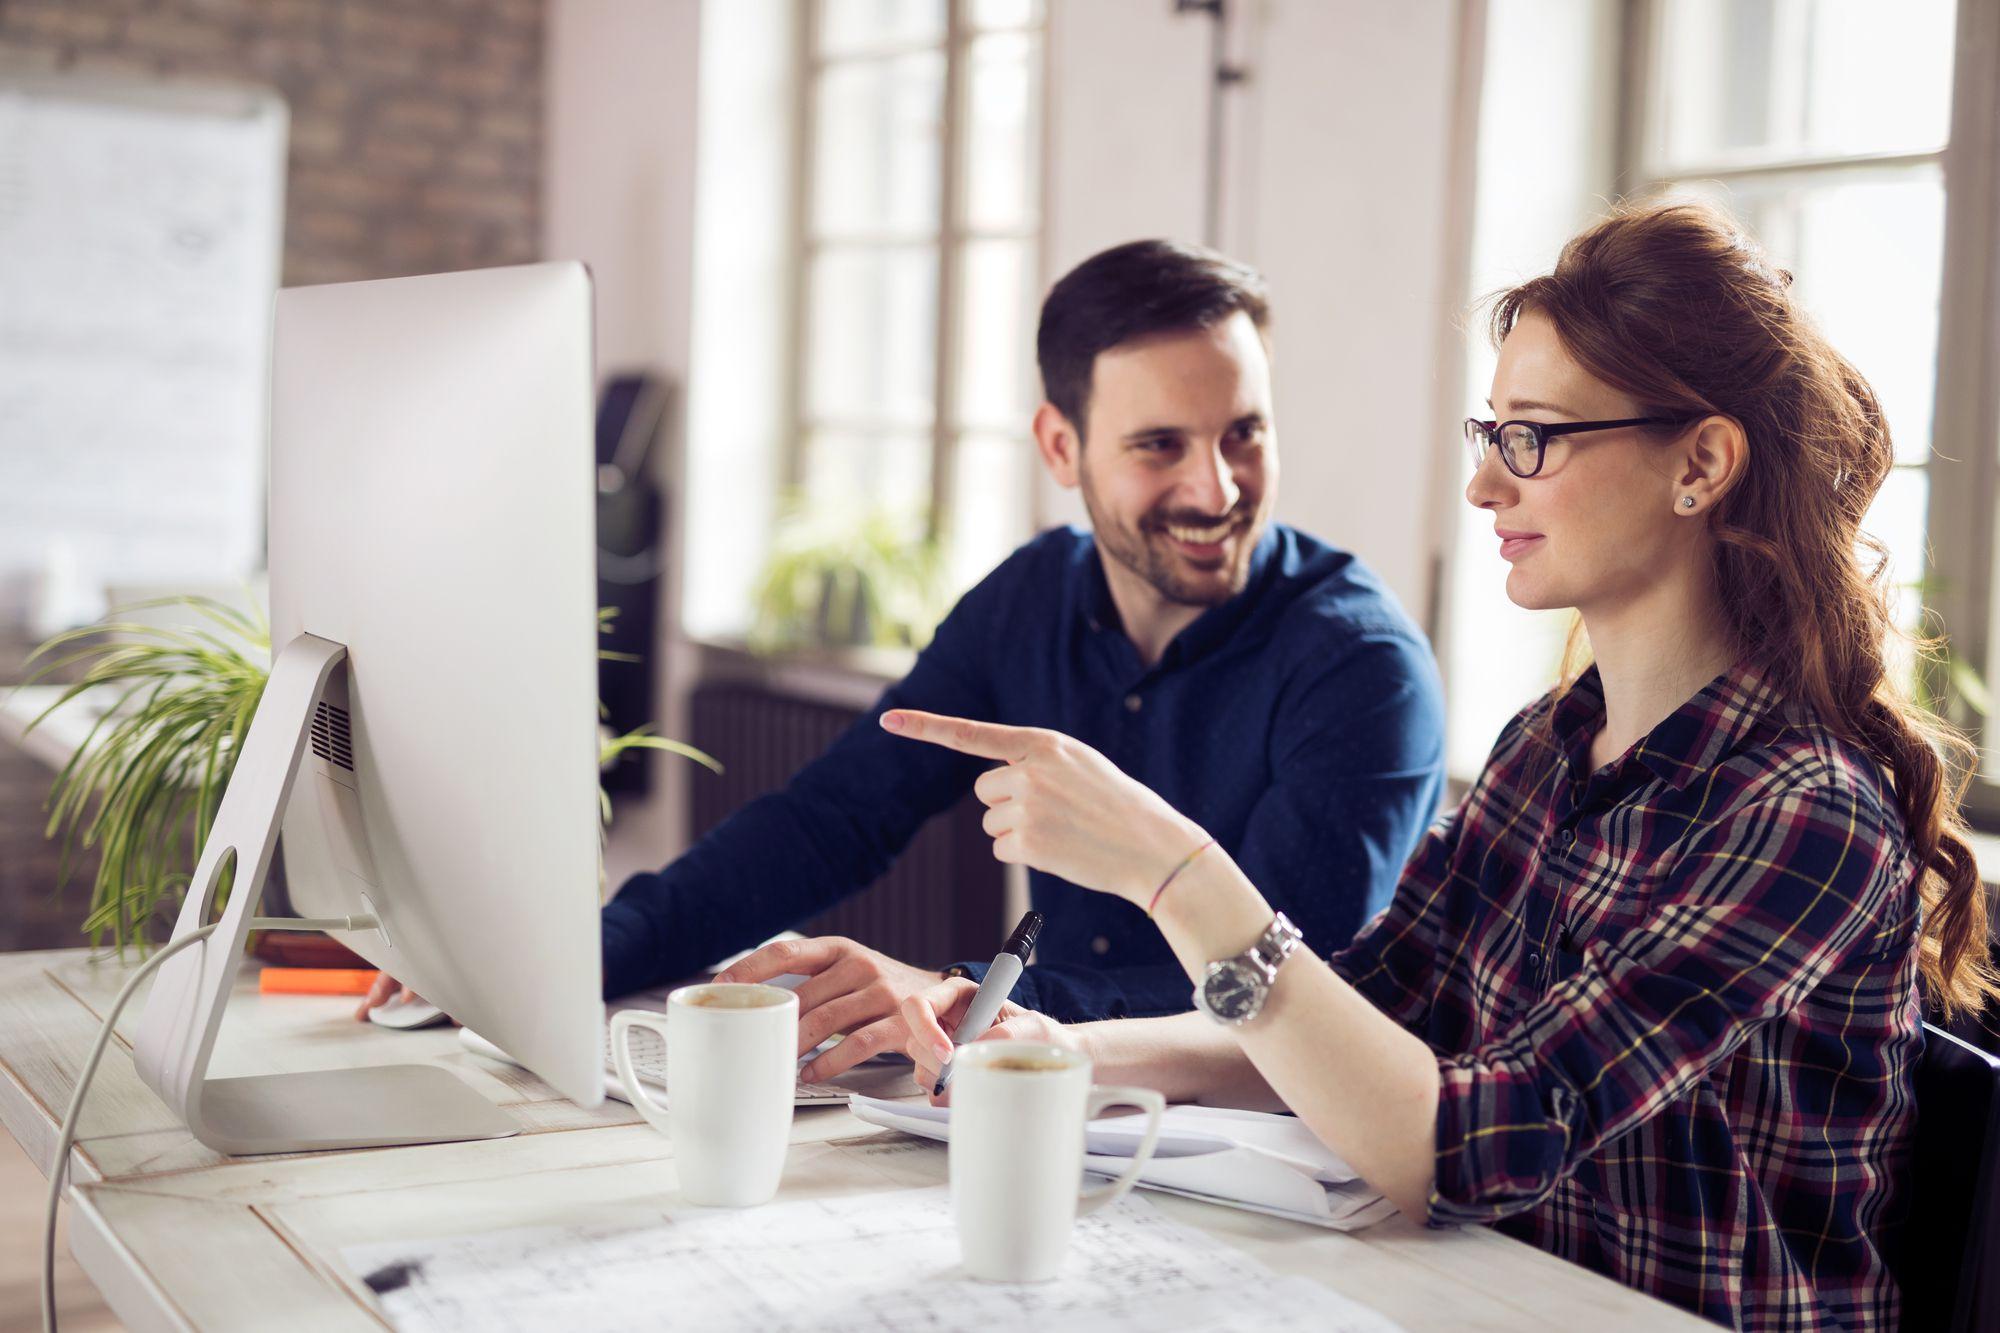 Gestão de Ativos: entenda a importância para o setor de TI